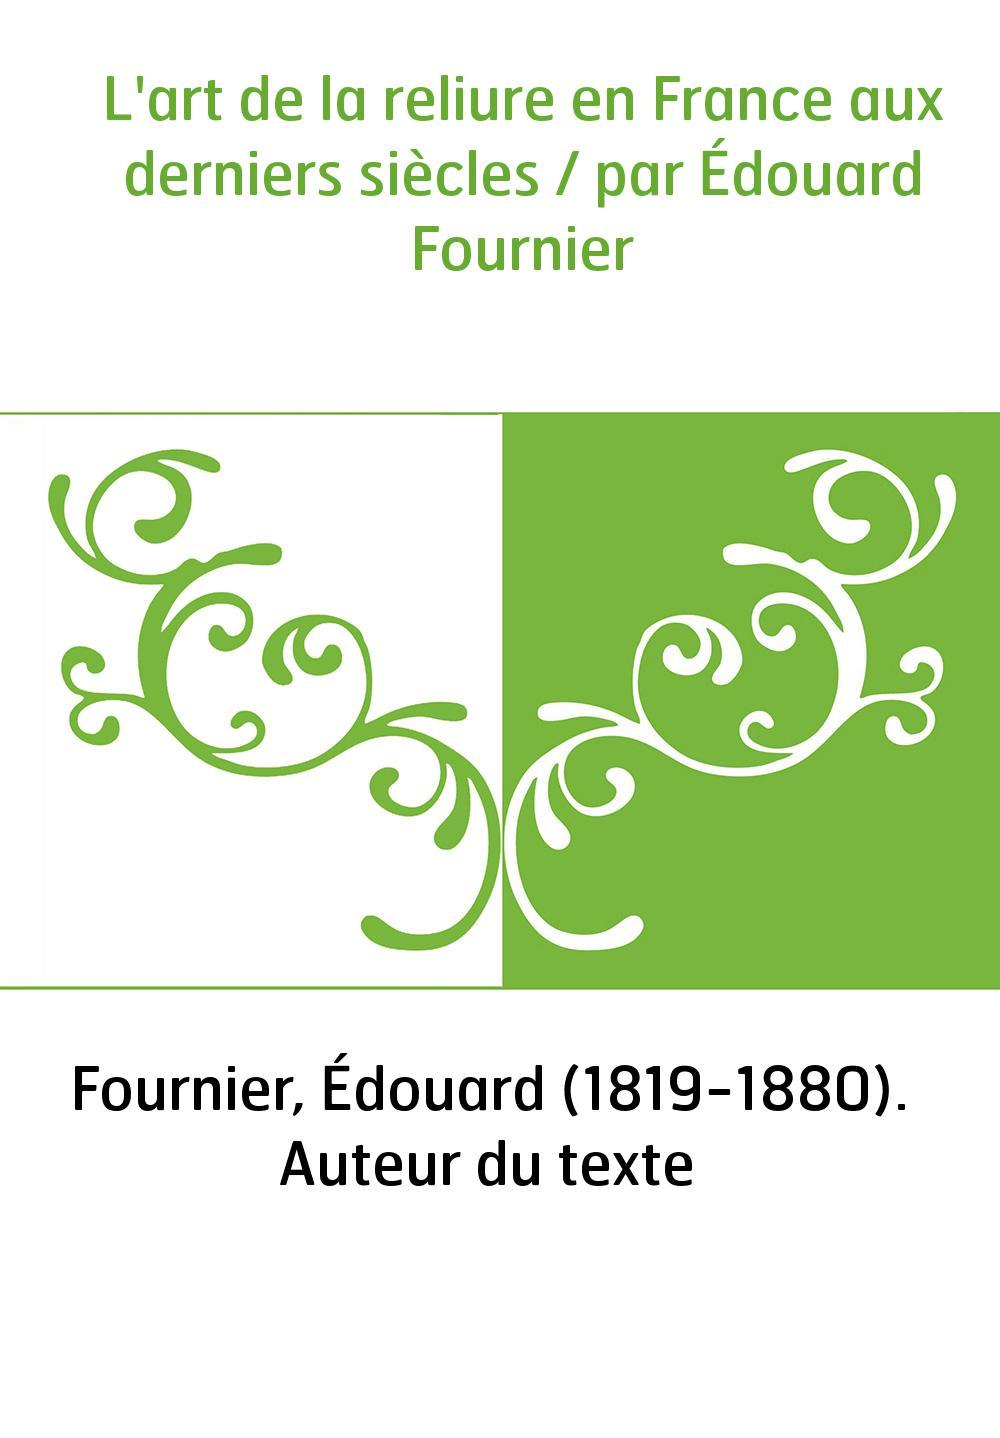 L'art de la reliure en France aux derniers siècles / par Édouard Fournier